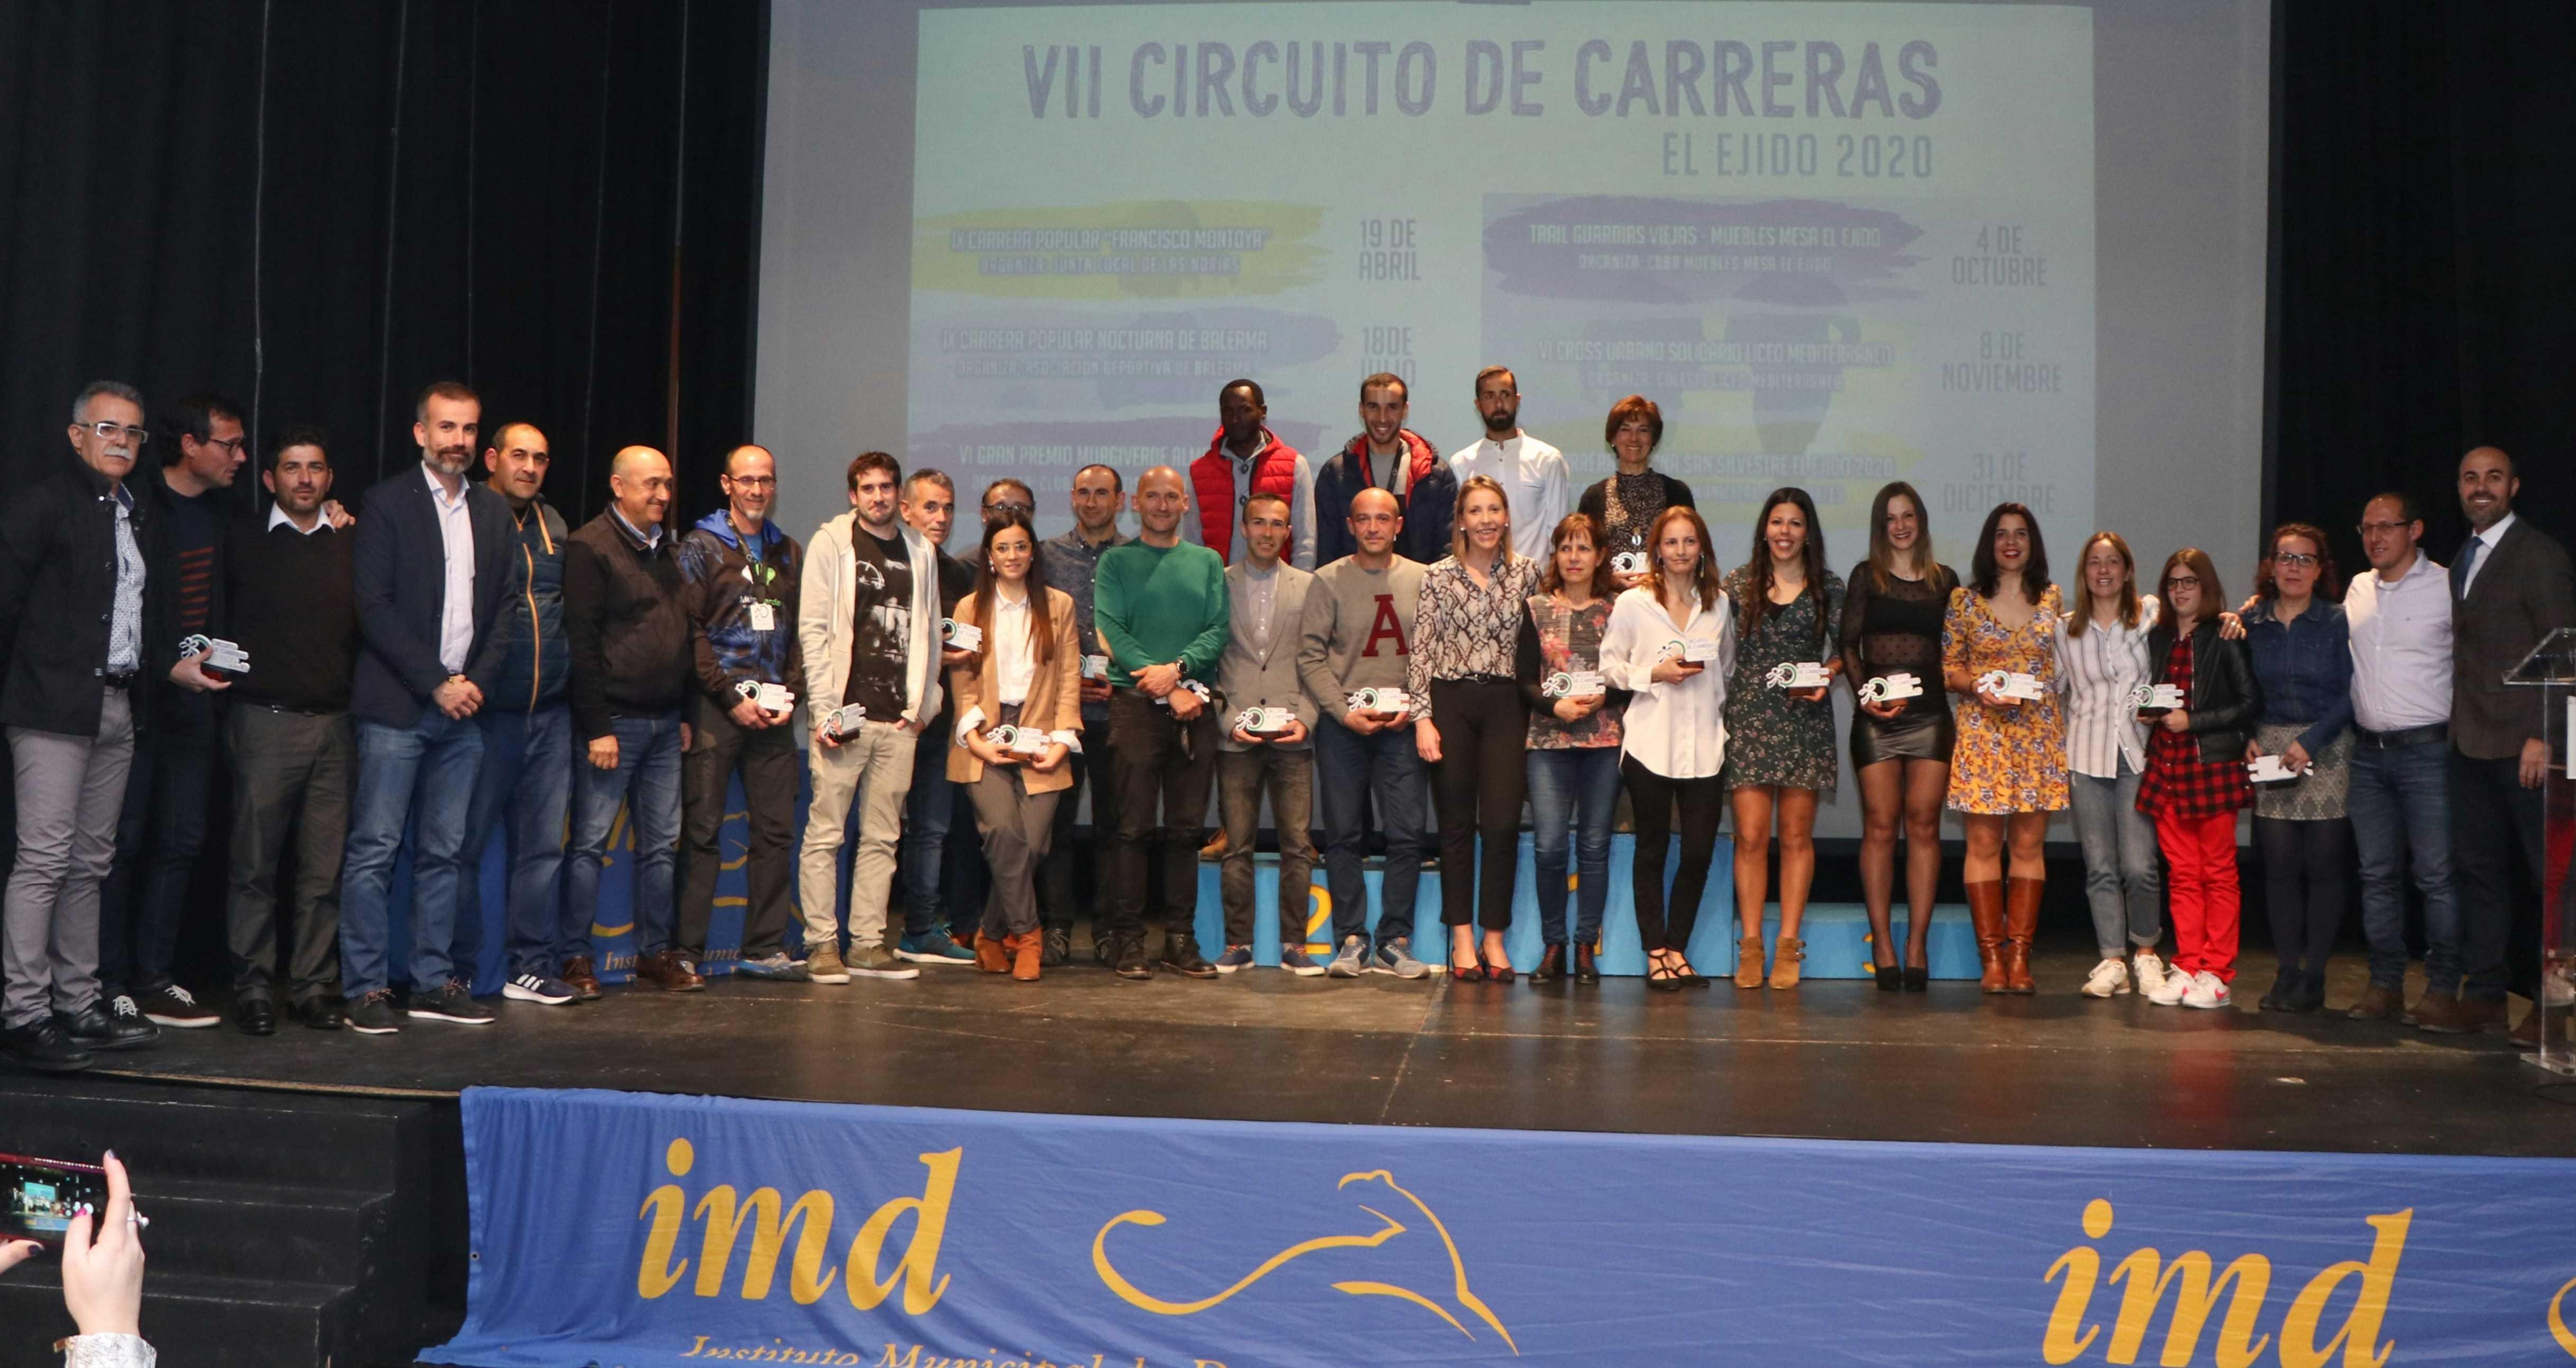 El Ejido clausura el VI Circuito de Carreras Populares, batiendo récord de participación, y da paso a la siguiente edición